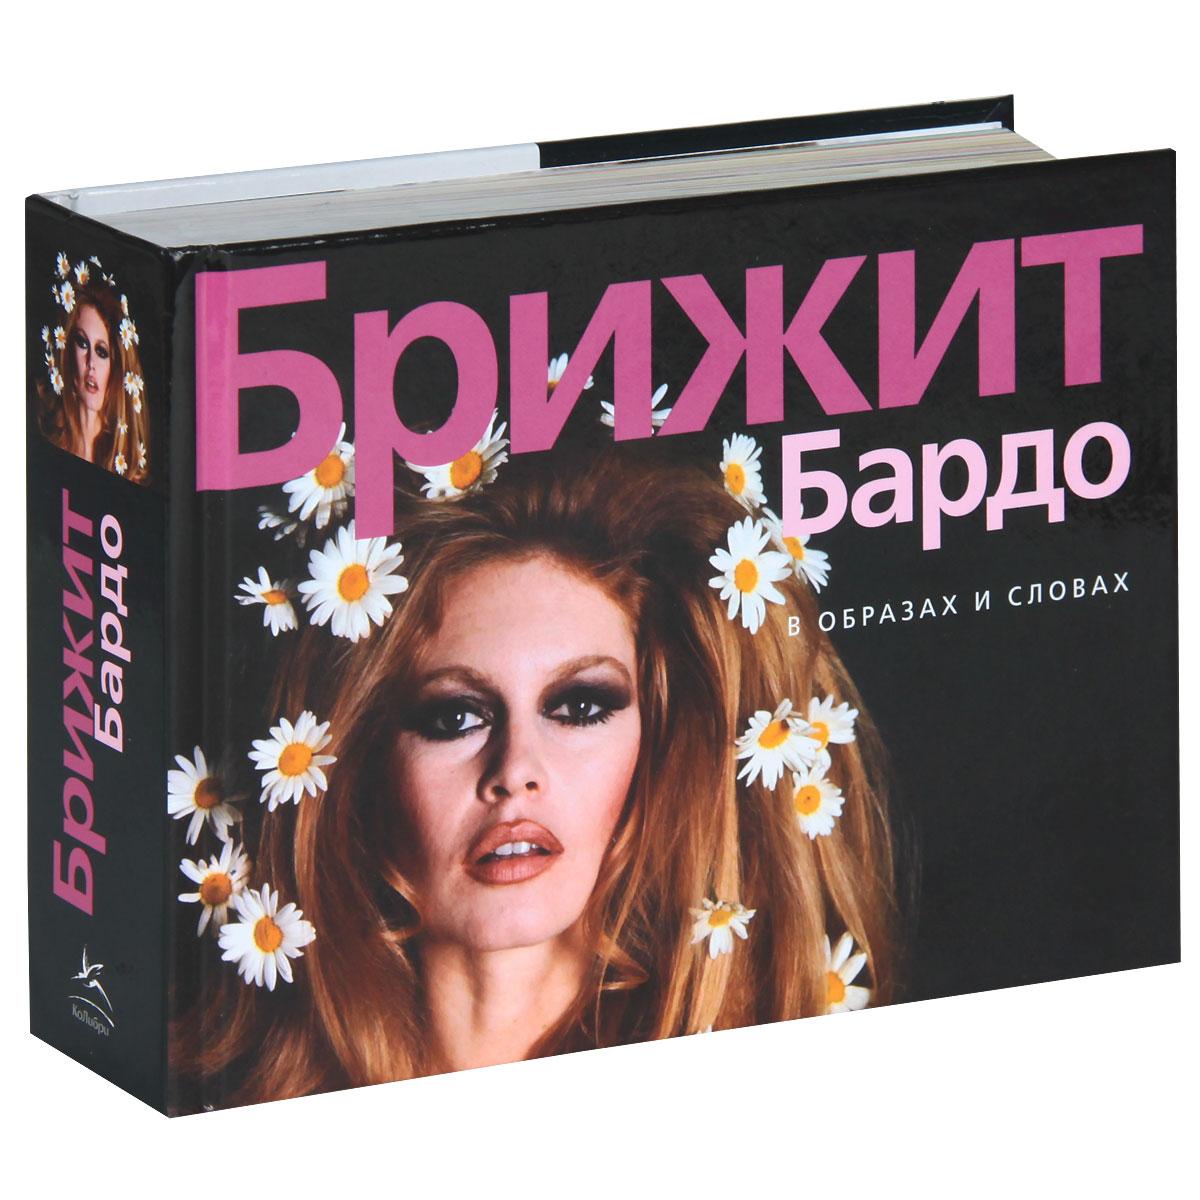 Брижит Бардо в образах и словах ( 978-5-389-05629-9 )